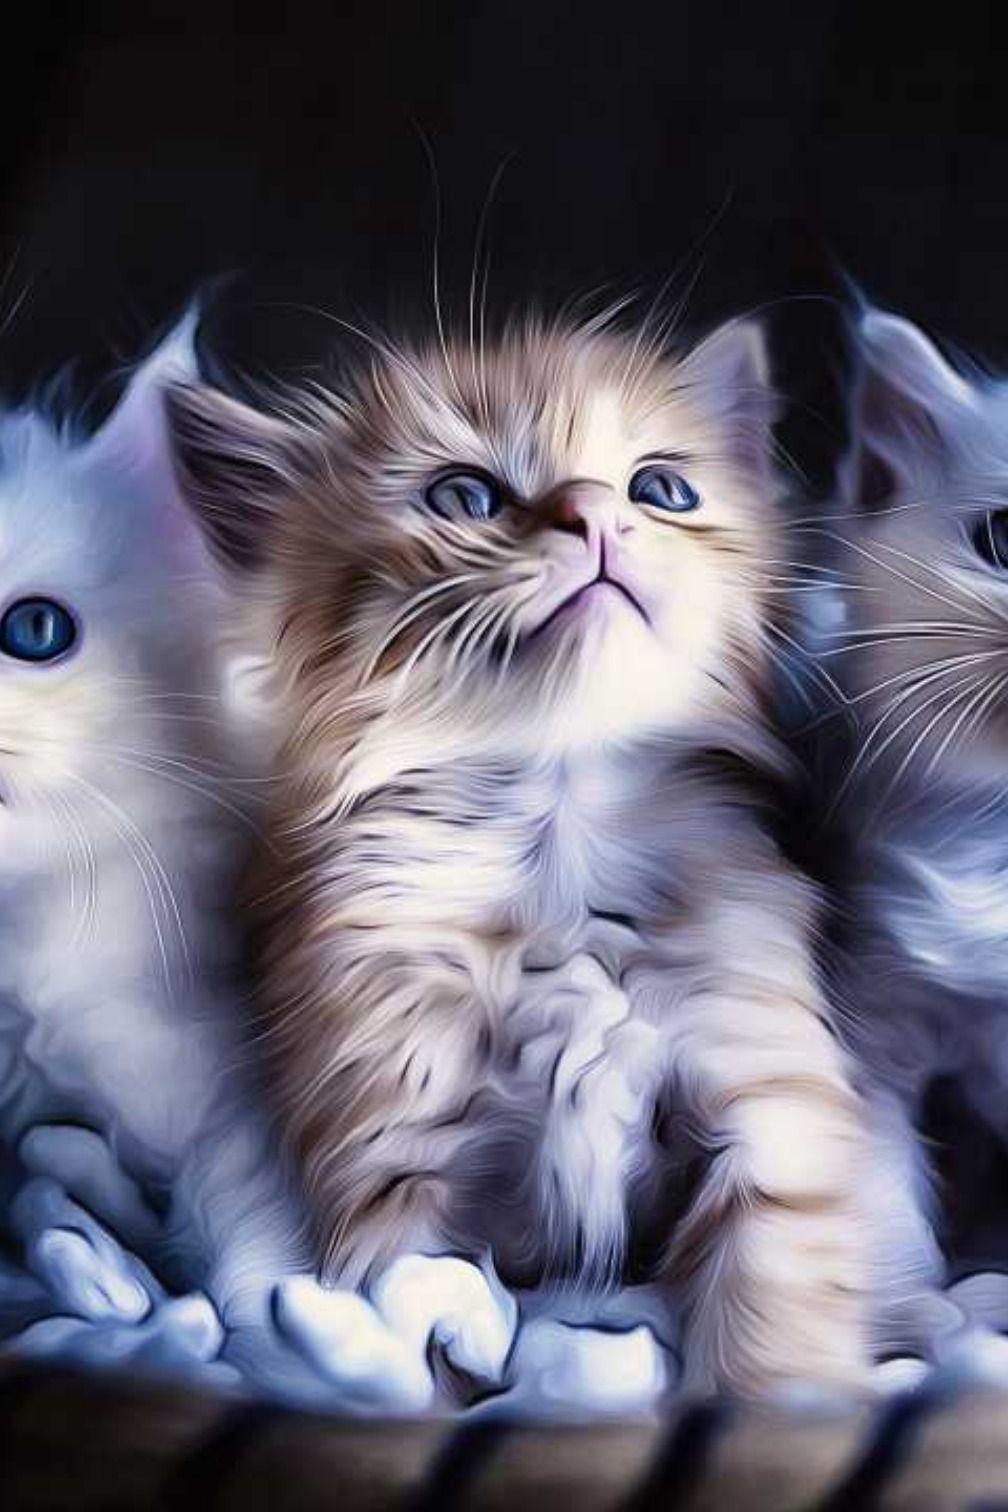 Wallpaper Animals Hd Animal Wallpaper Cat Wallpaper Animals